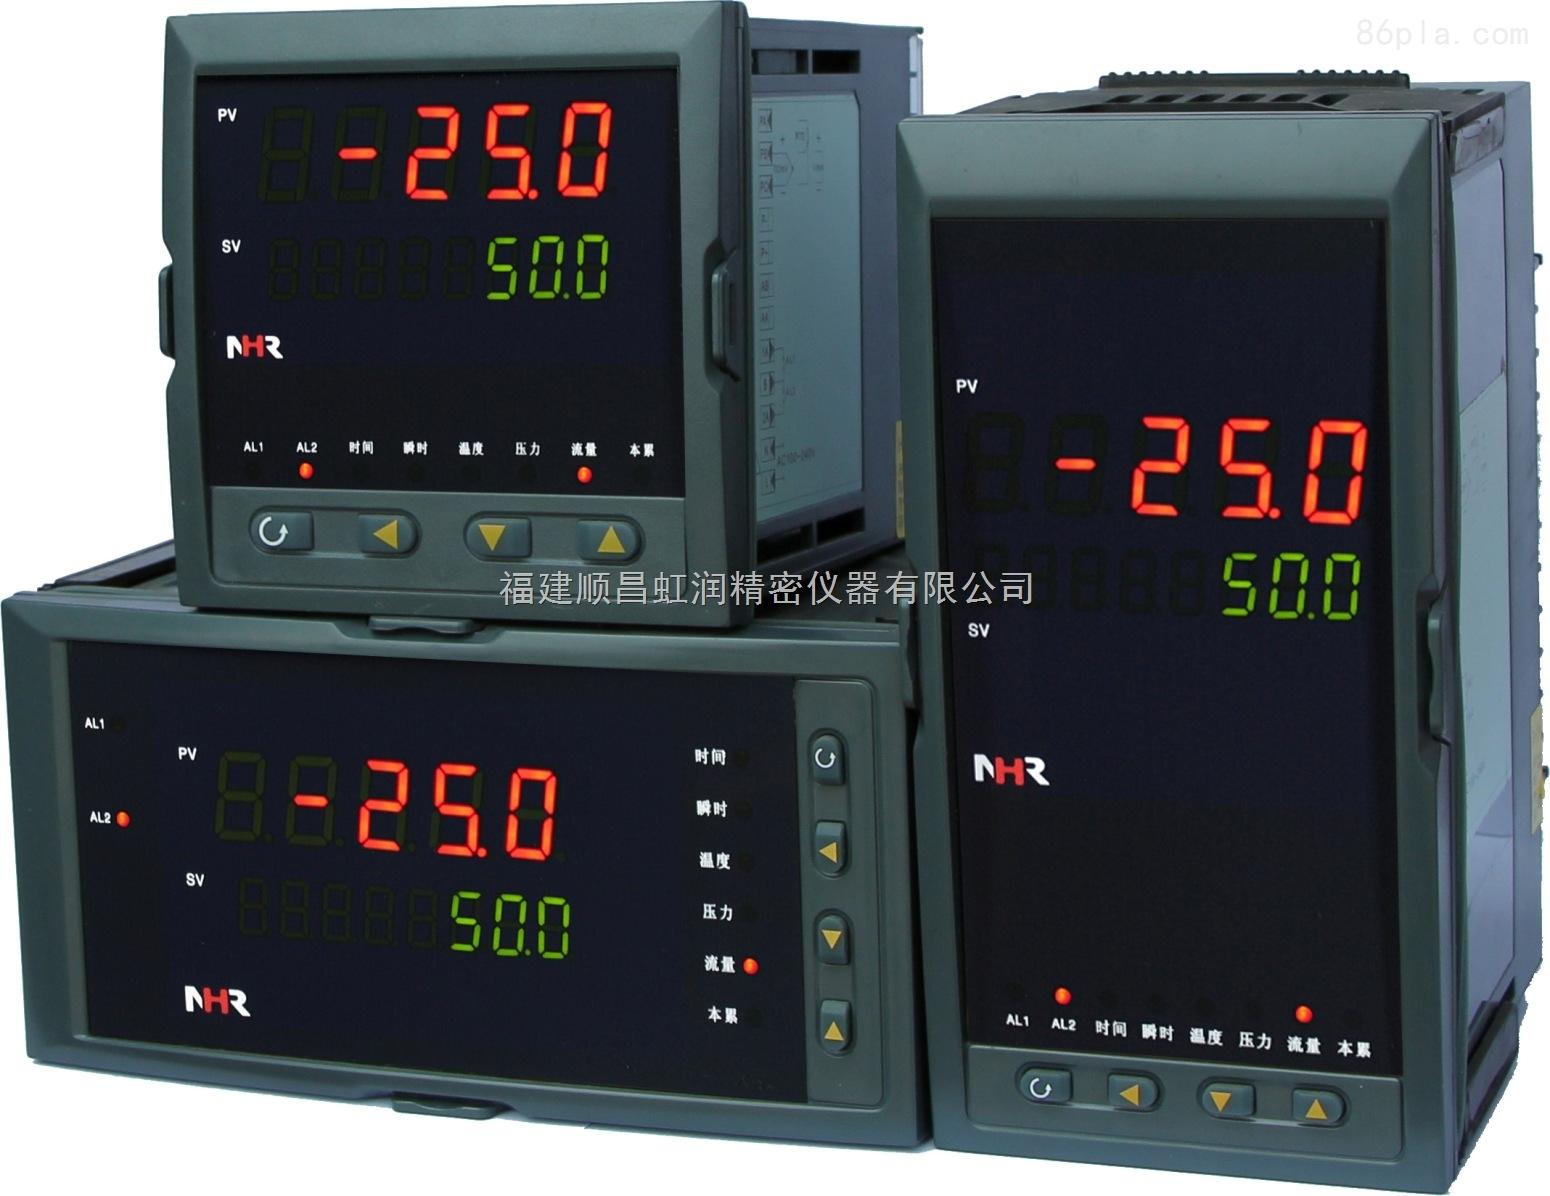 供应虹润流量仪 智能流量积算控制仪厂家